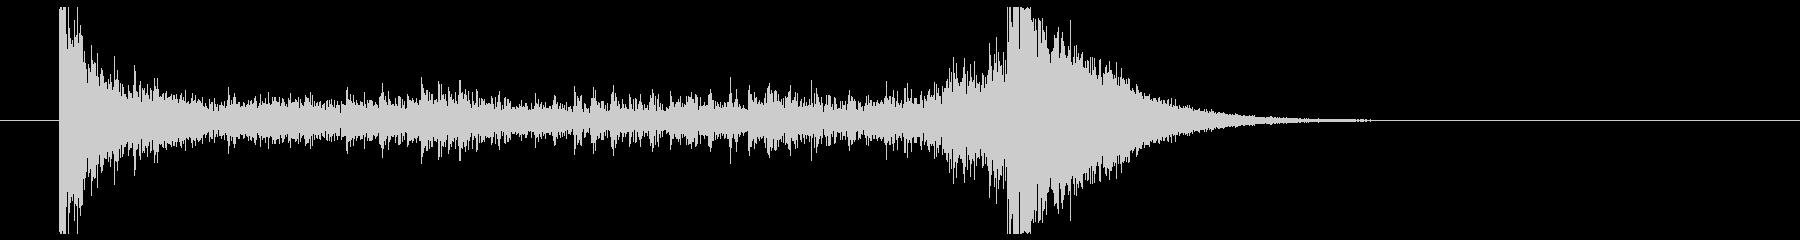 ティンパニーロール_シンバルあり(4秒)の未再生の波形